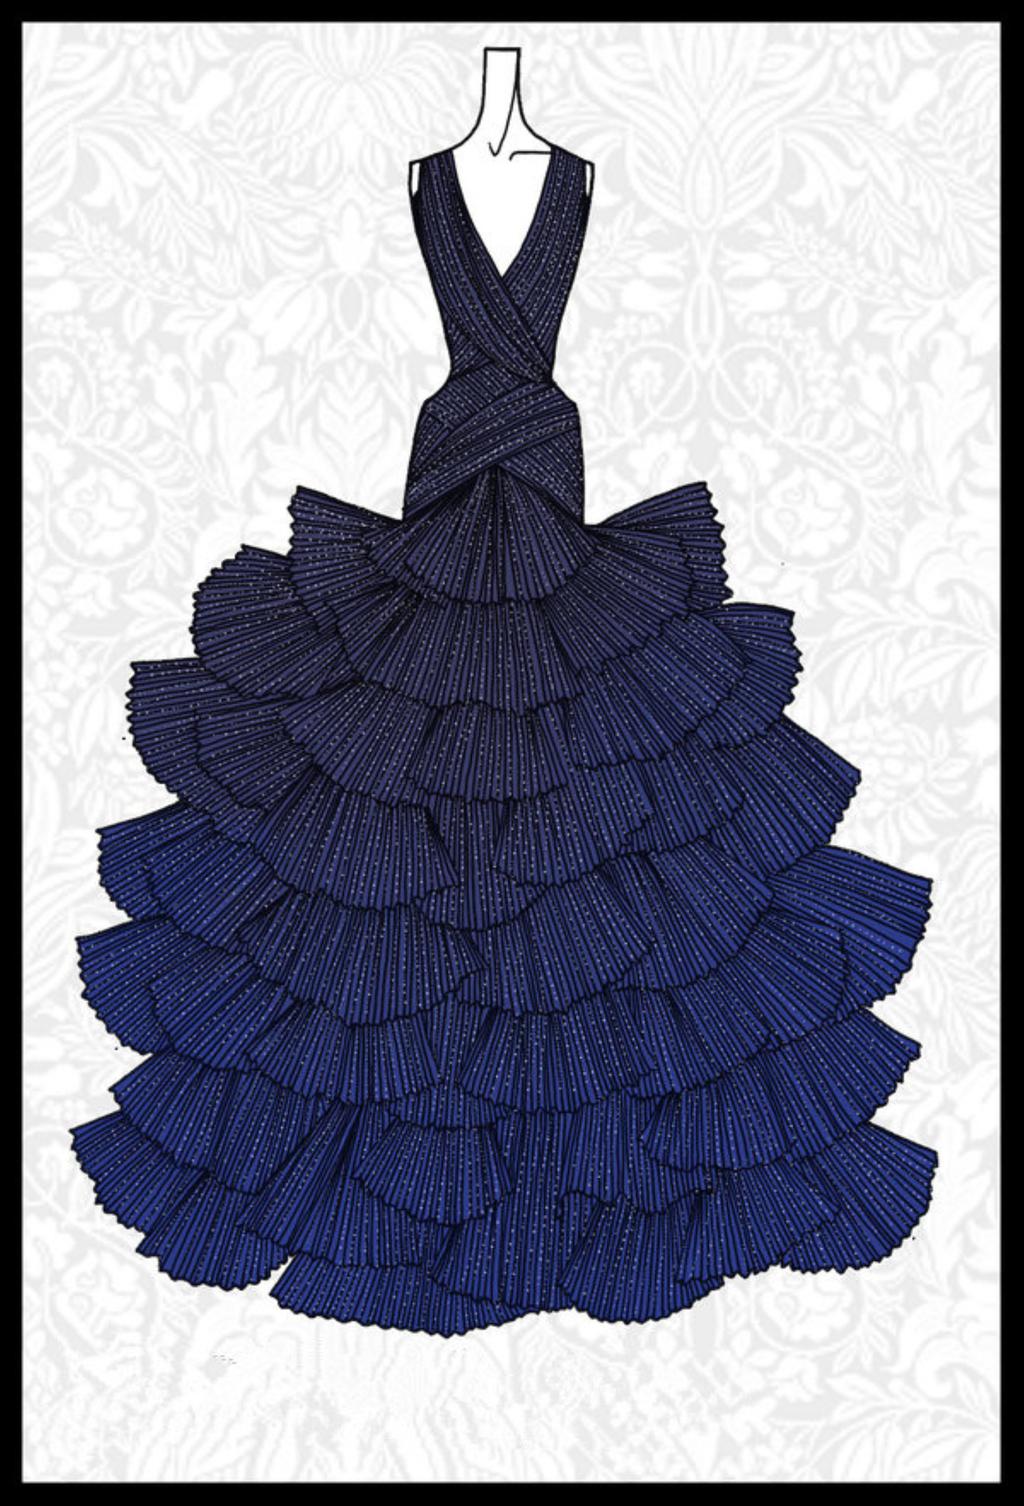 裙子 线条 女装手绘搞